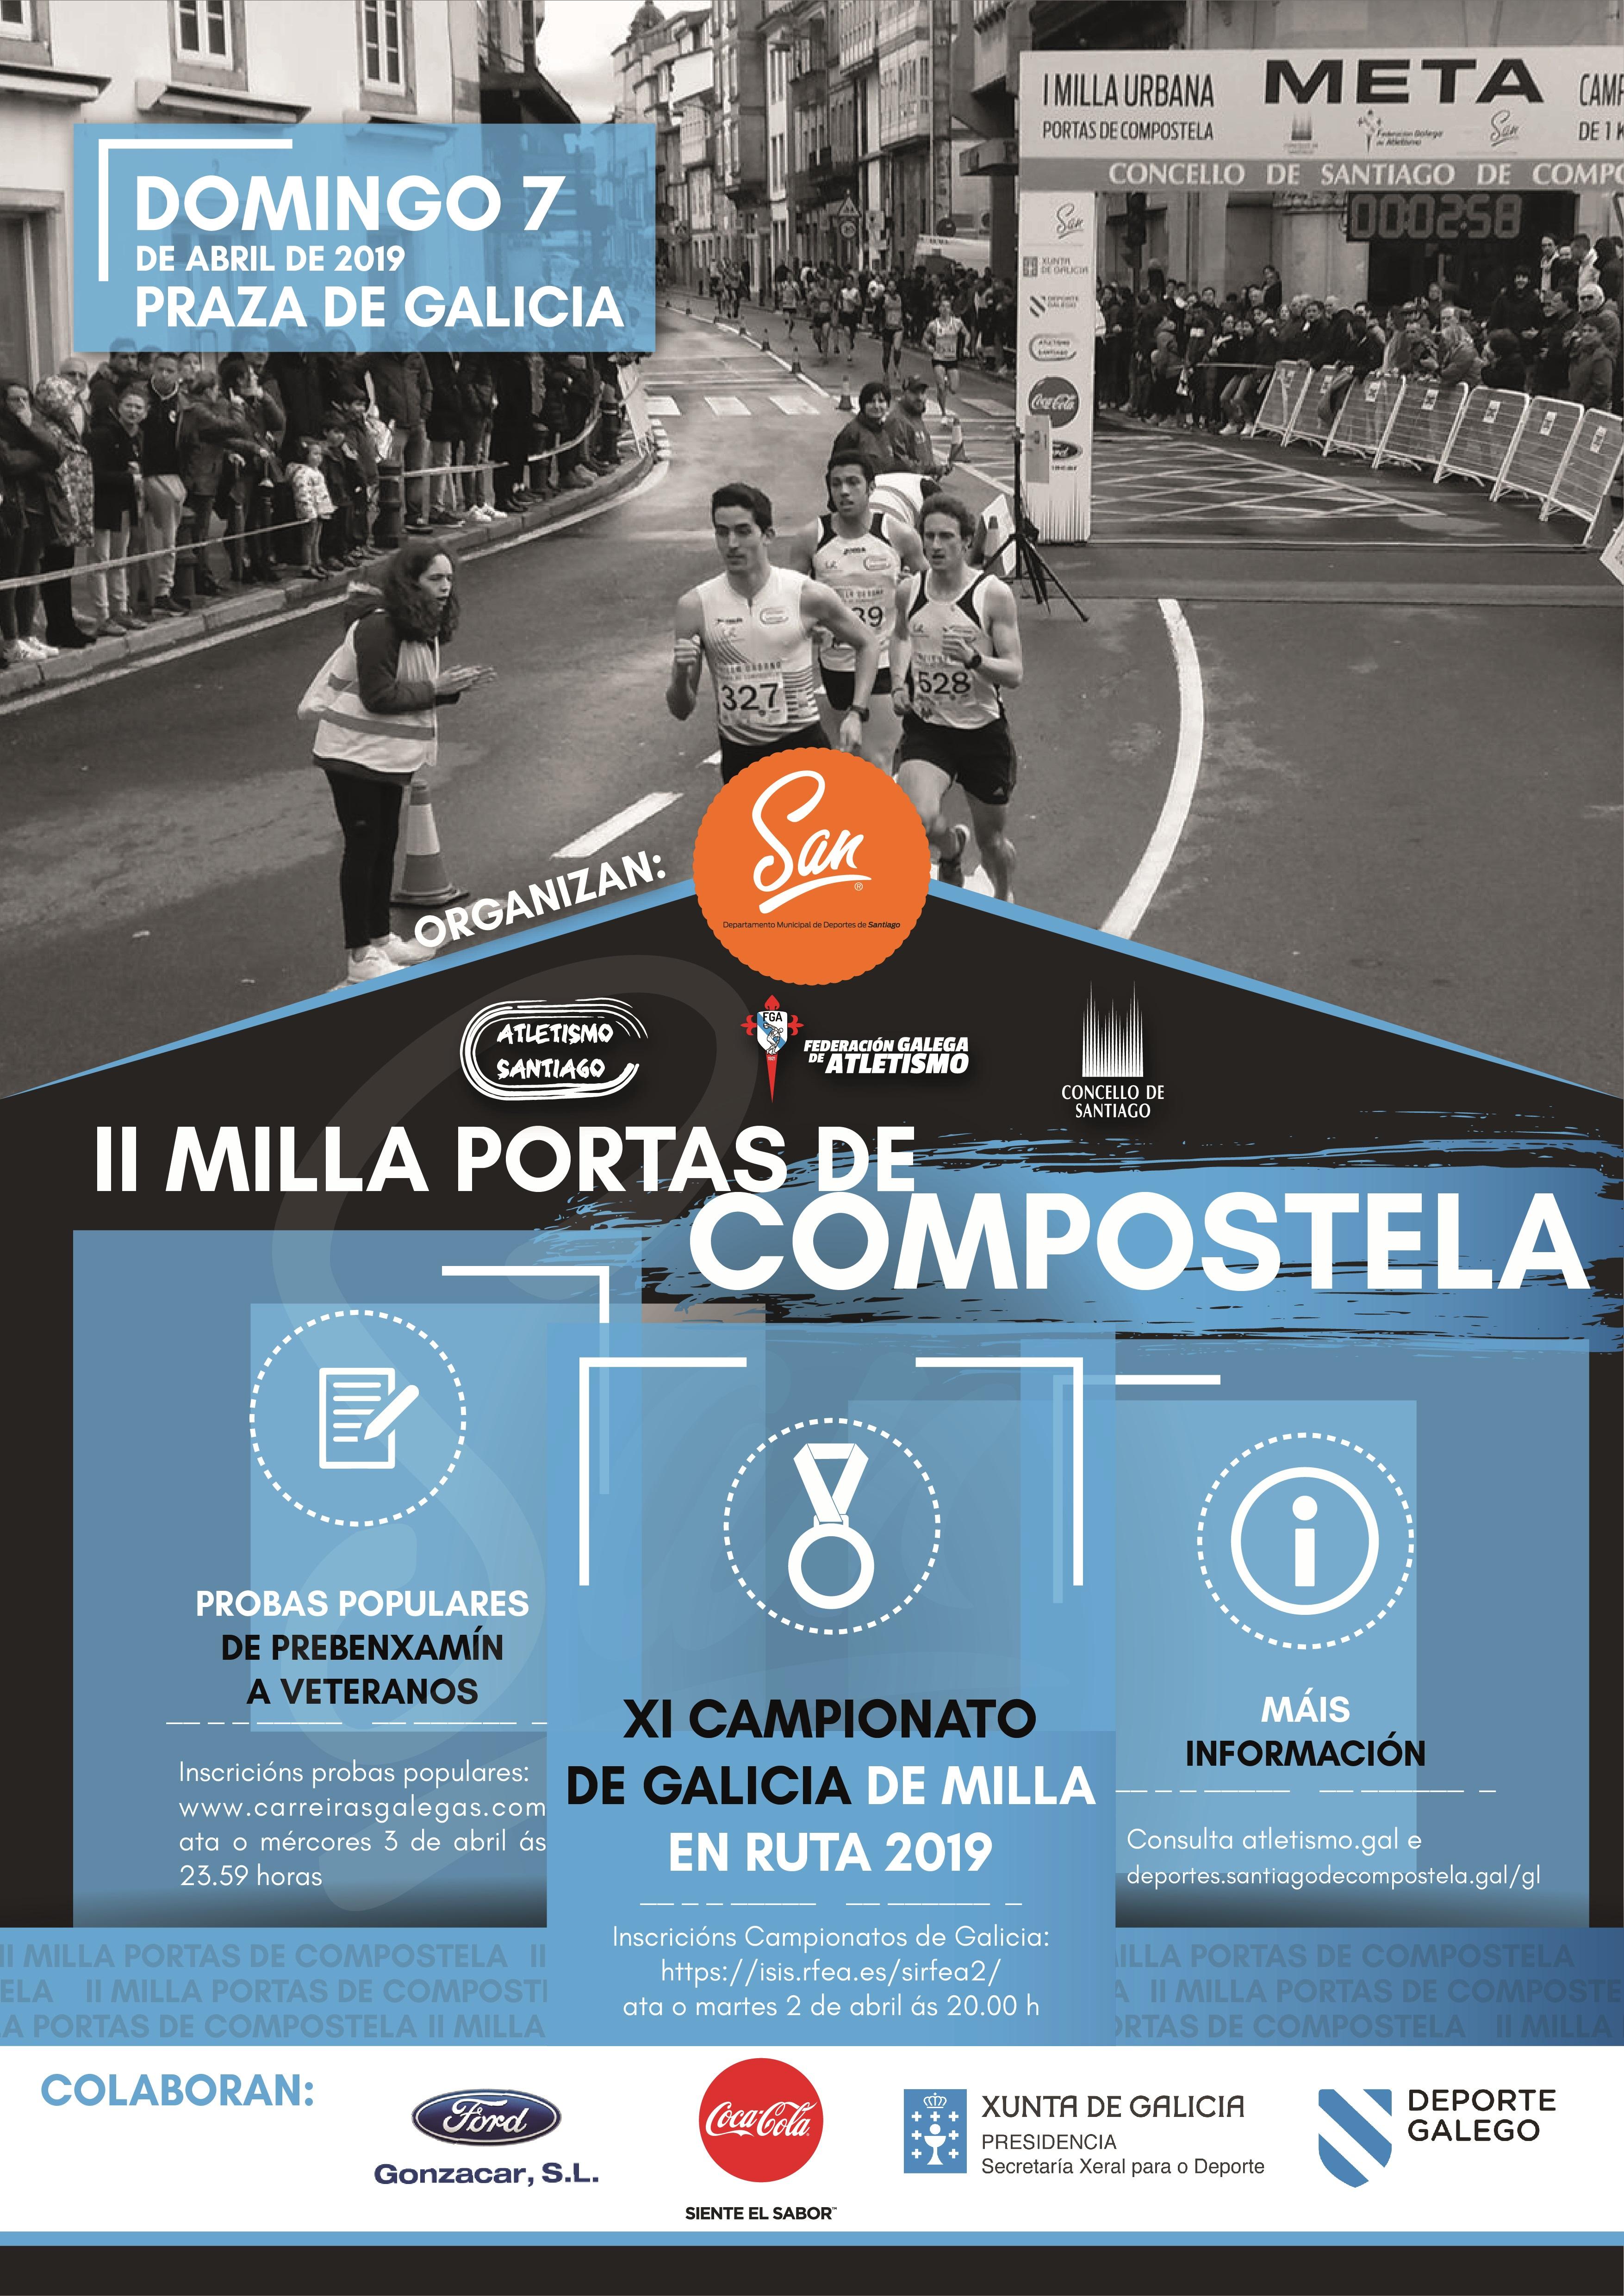 XI Campionato de Galicia de Milla en Ruta  2019